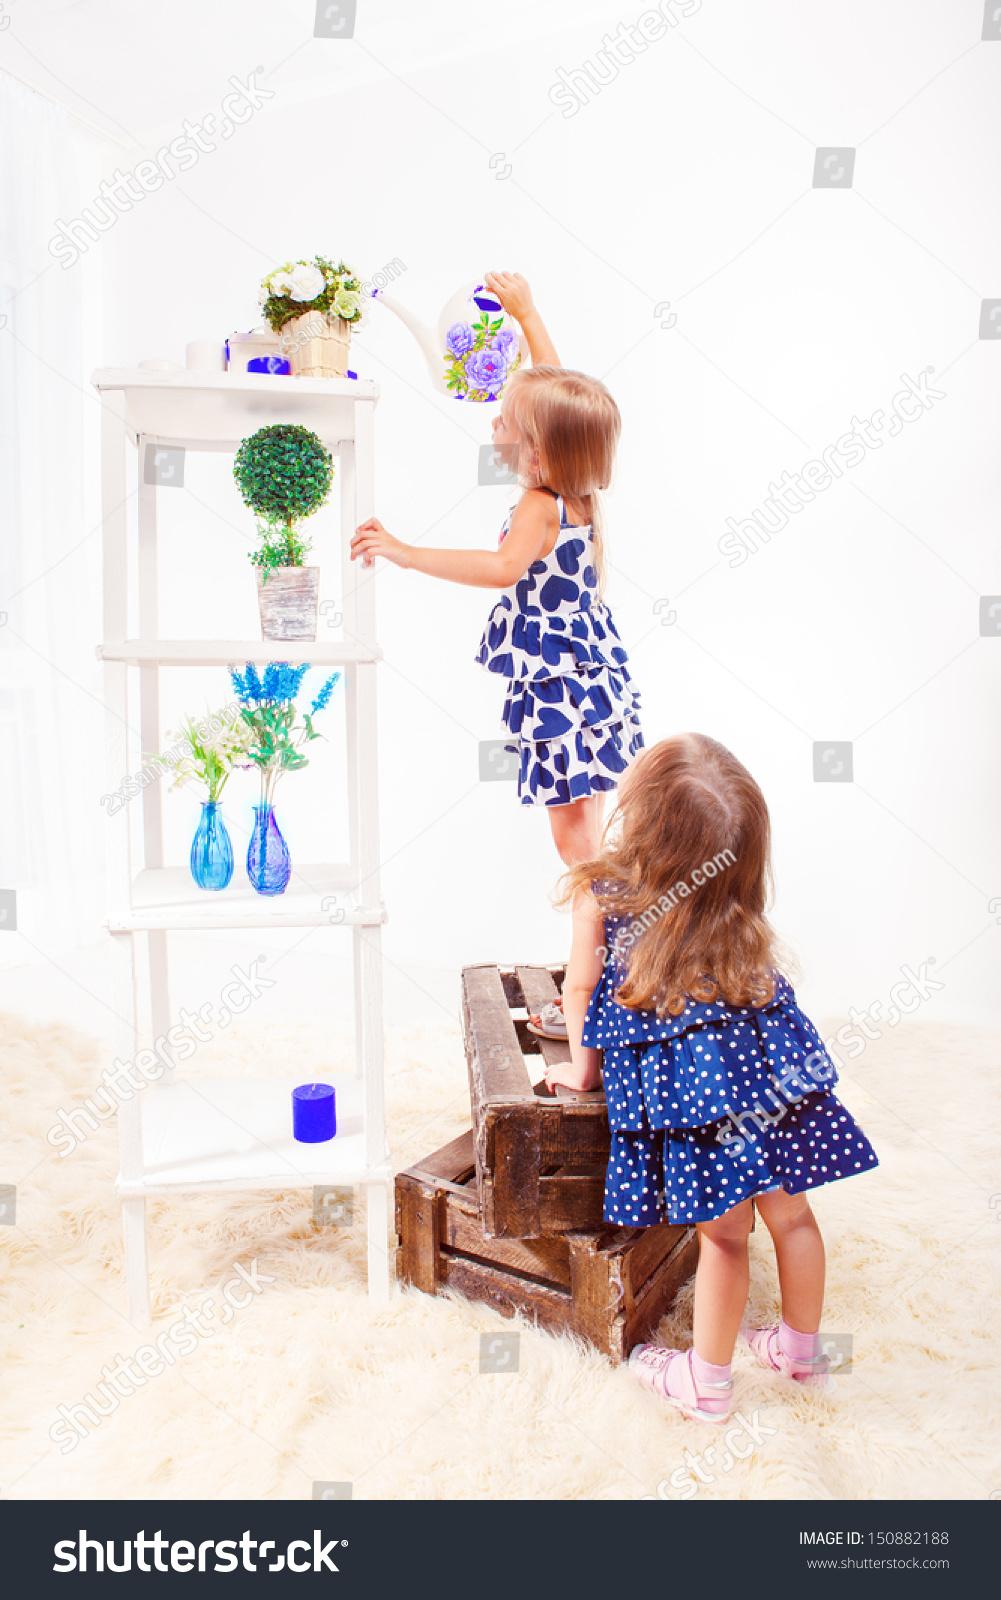 两个可爱的小女孩在客厅给花浇水